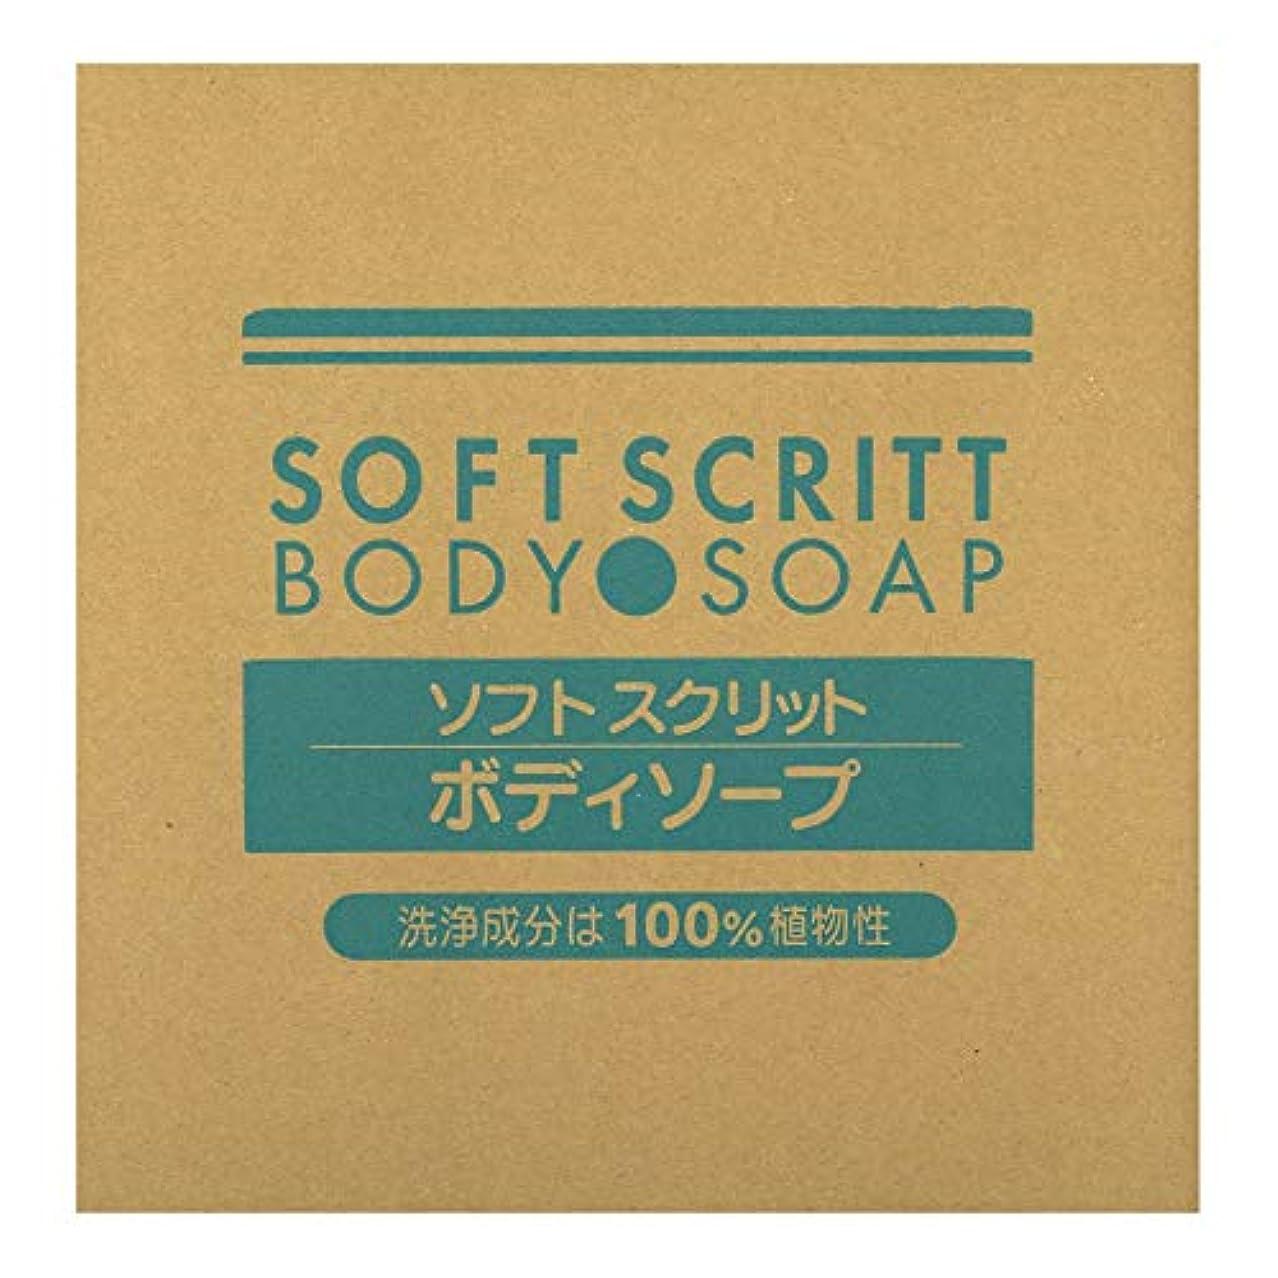 スリット無条件預言者熊野油脂 業務用 SOFT SCRITT(ソフト スクリット) ボディソープ 18L